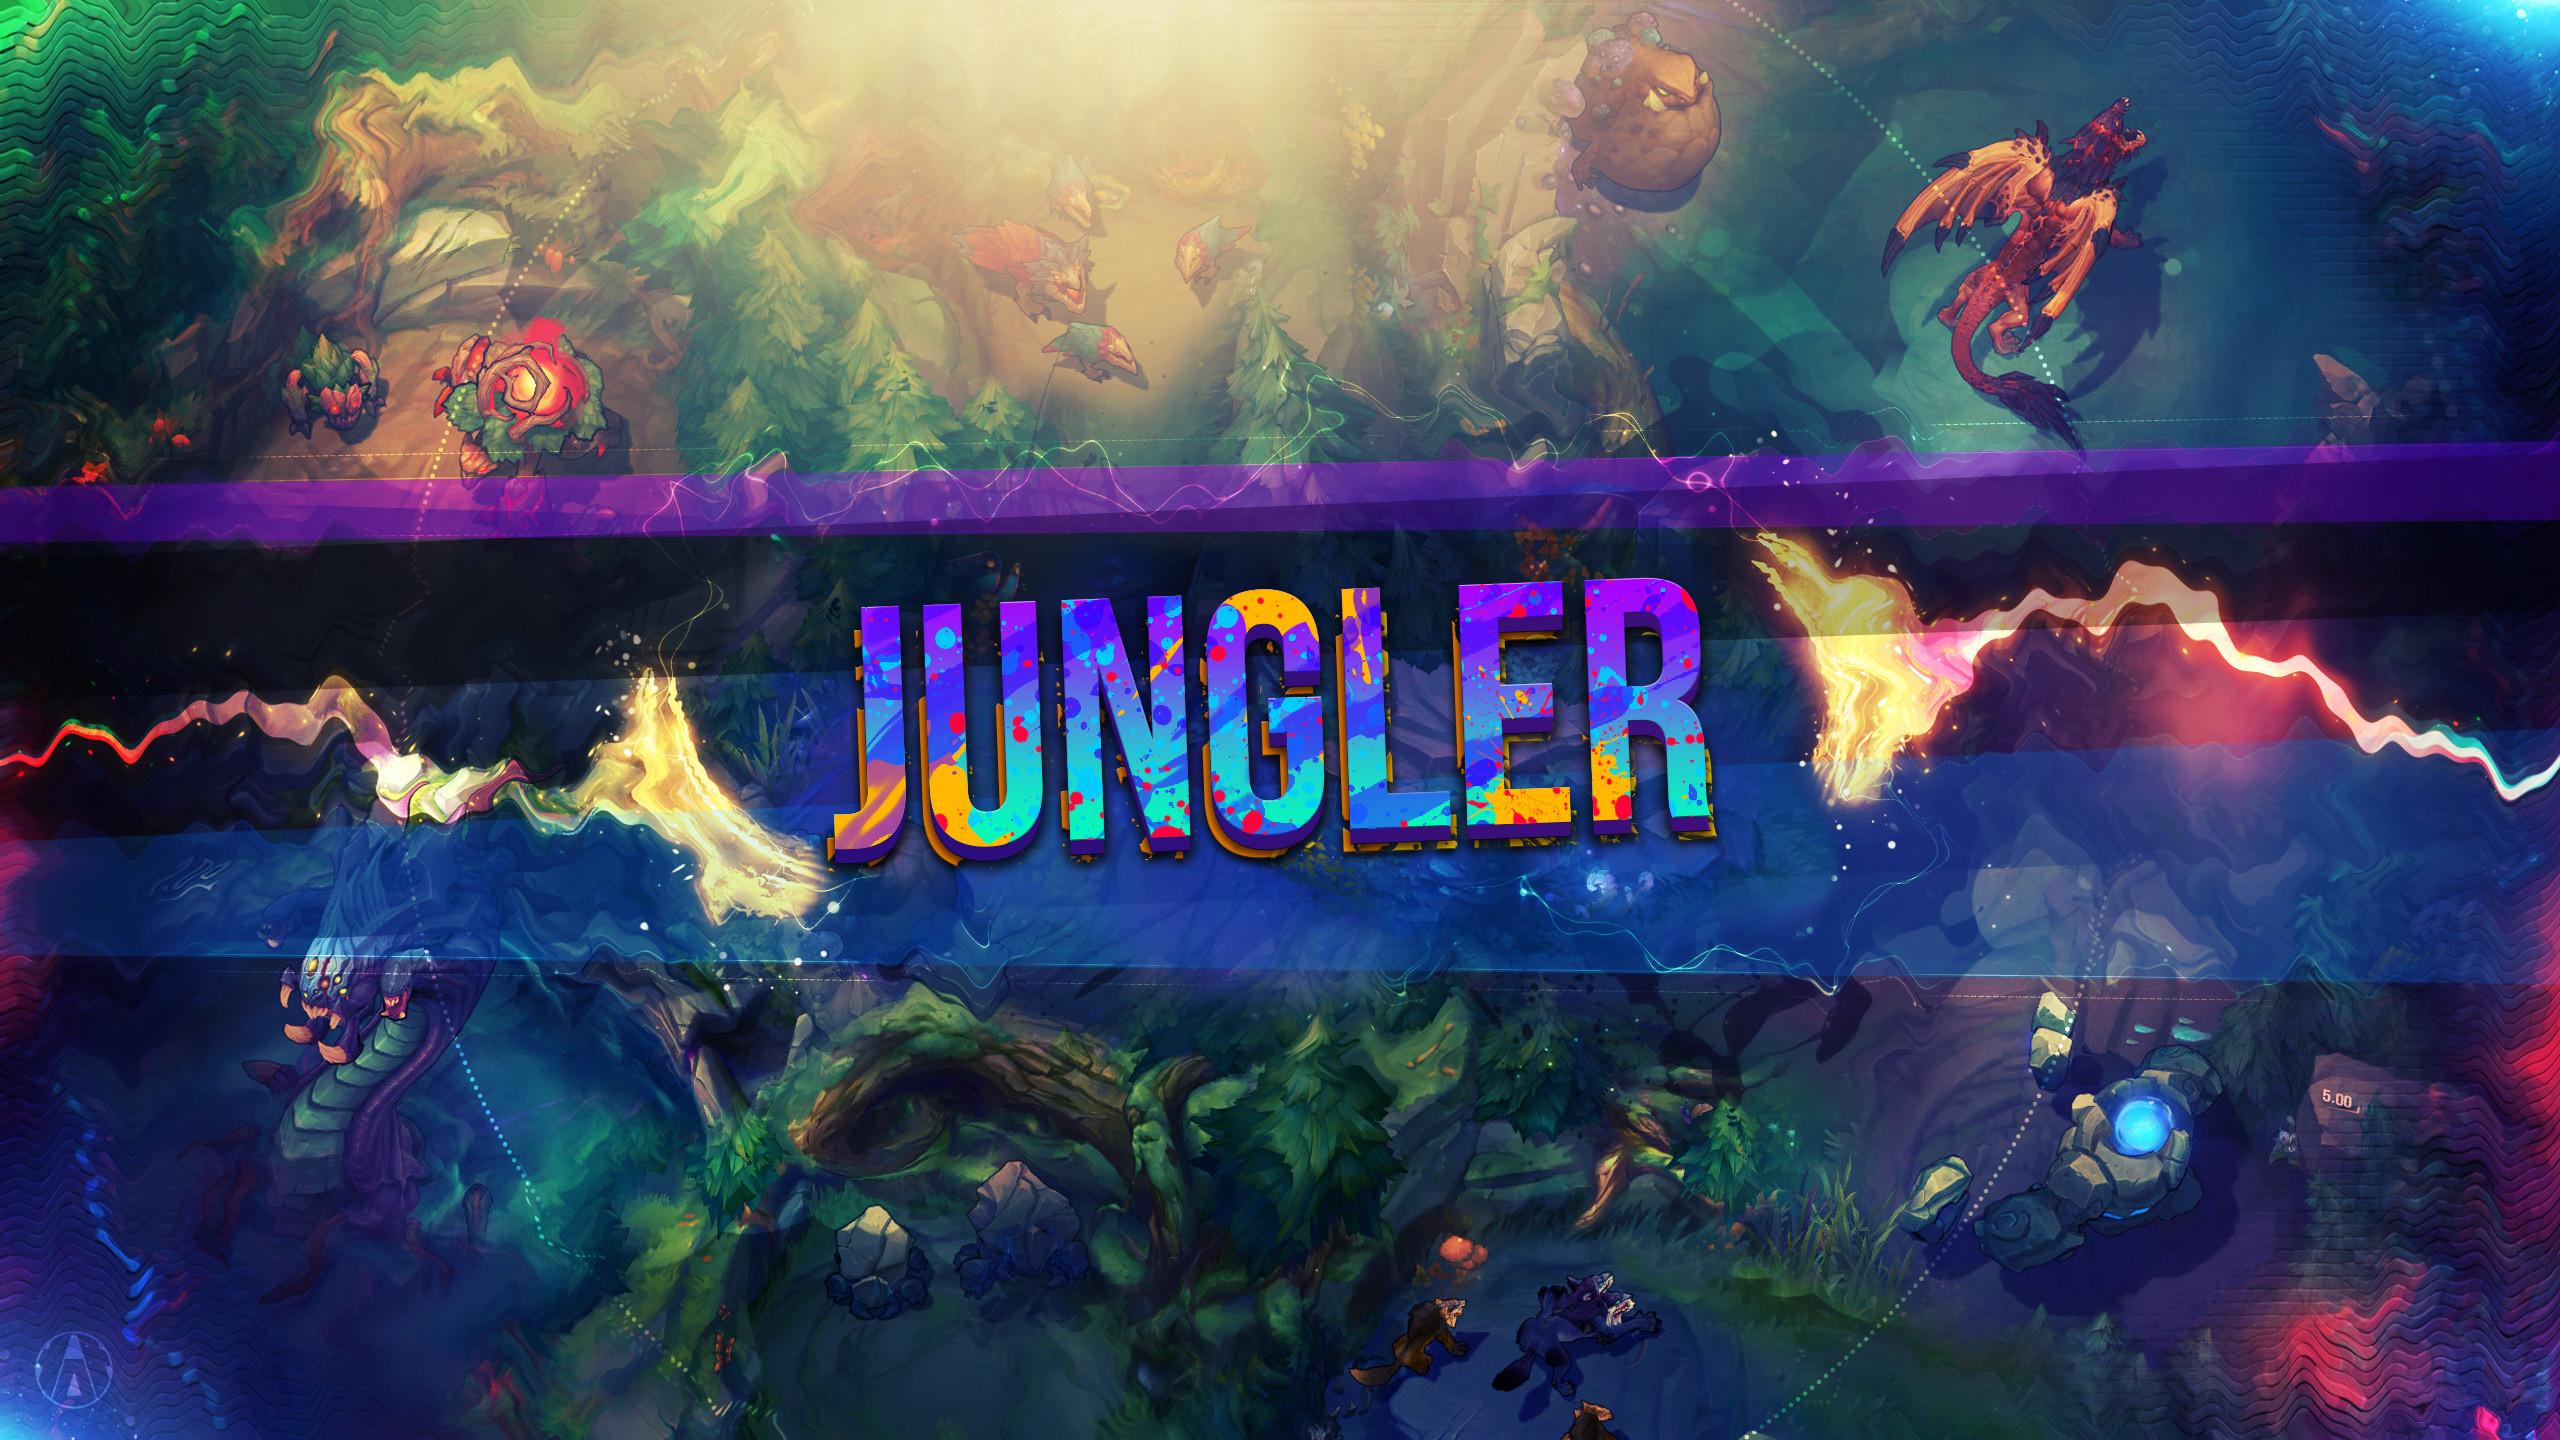 Jungle by Aynoe HD Wallpaper Fan Art Artwork League of Legends lol